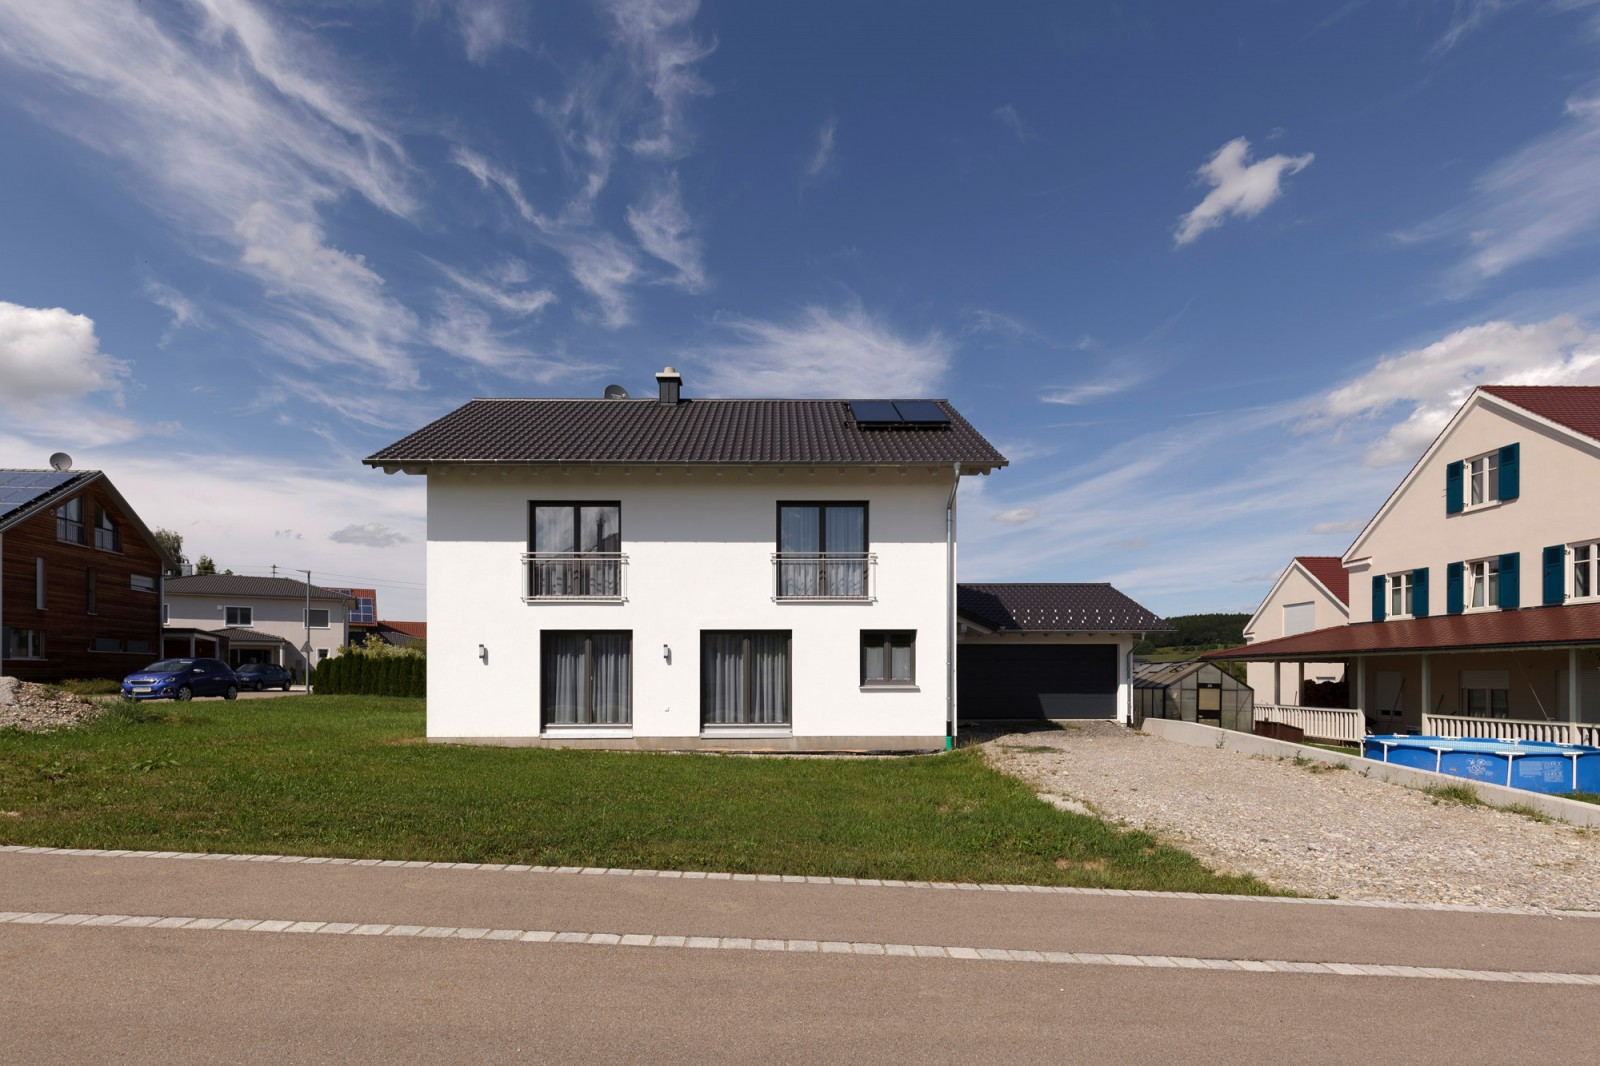 Holzhaus mit weiß verputzten Wänden